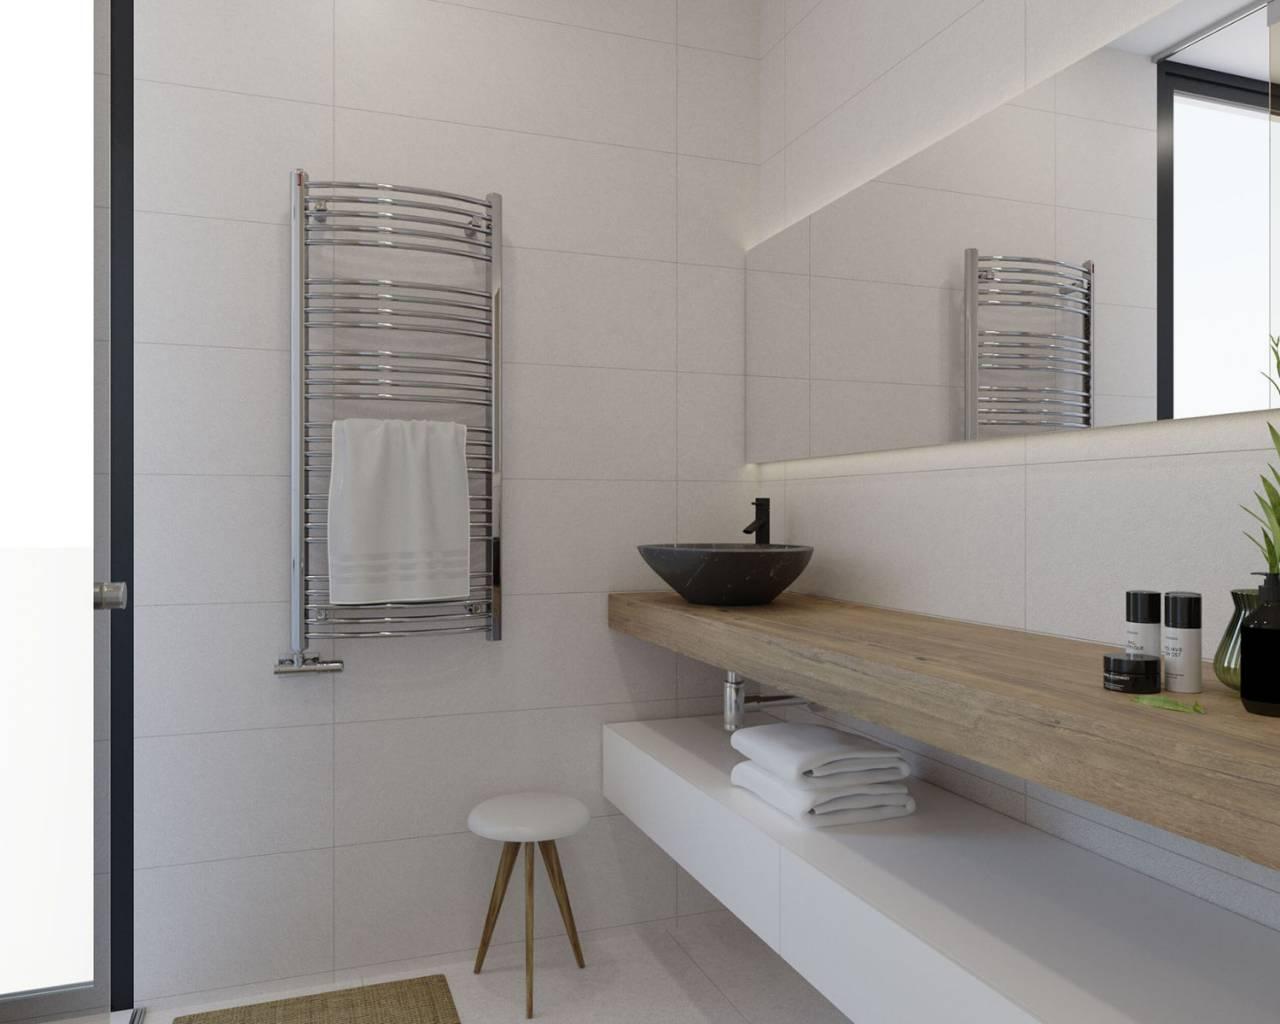 nieuwbouw-appartement-montforte-del-cid-font-del-llop_3128_xl